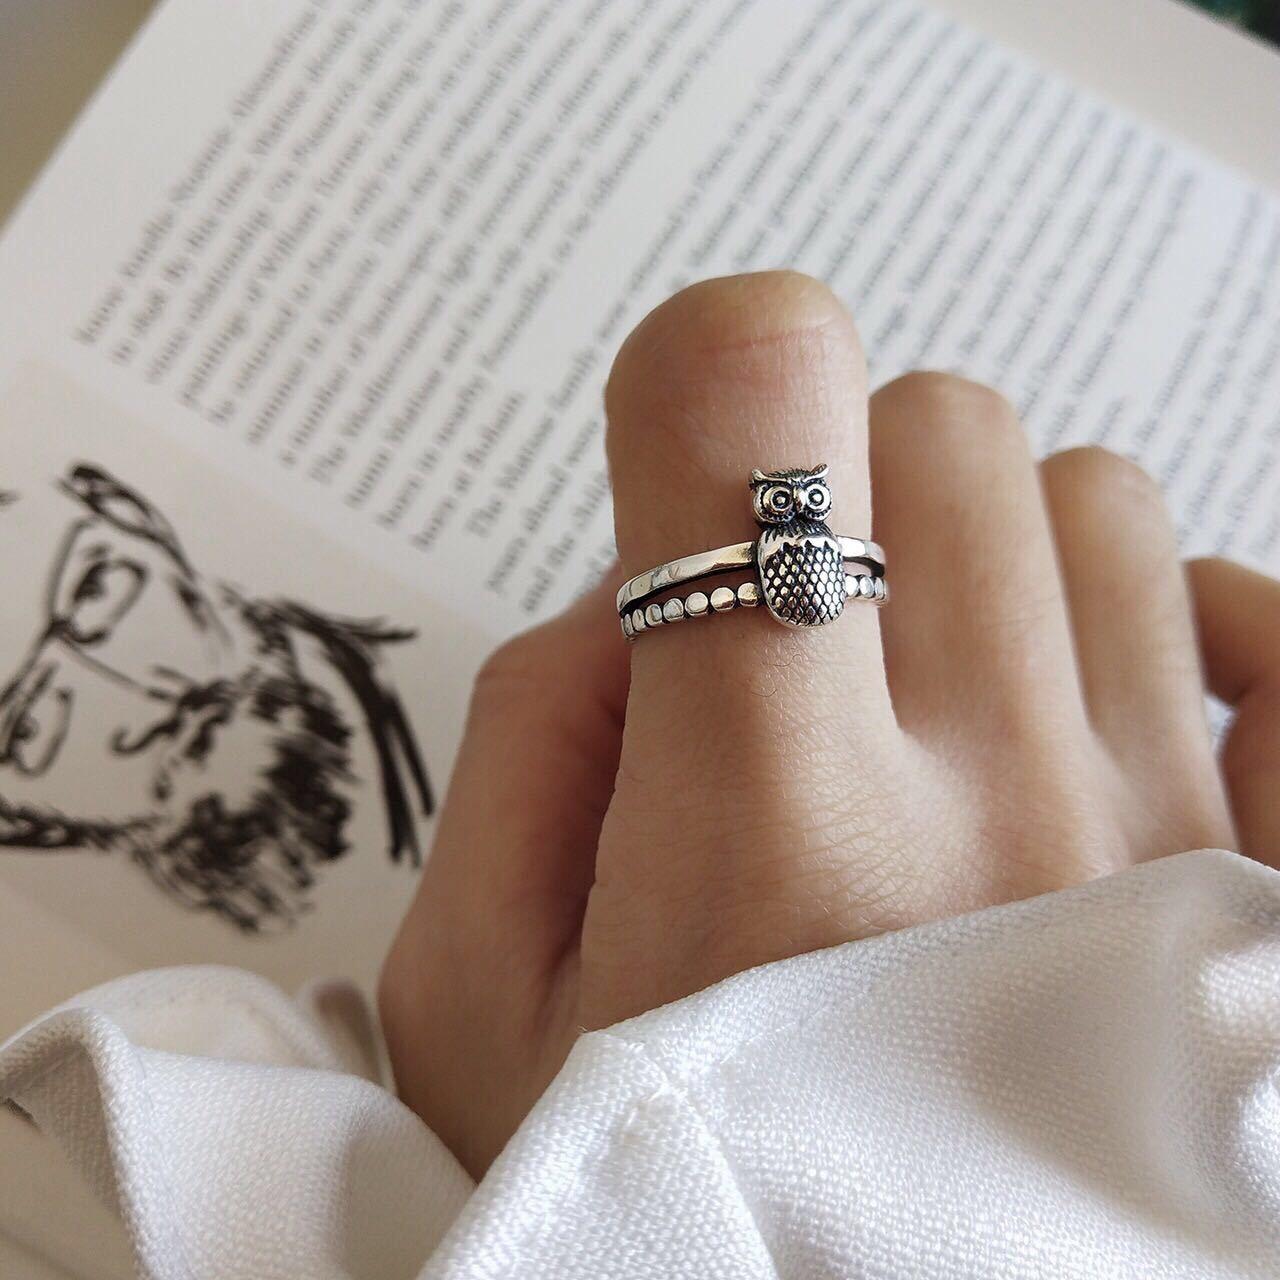 Корейское-изящное-женское-регулируемое-кольцо-в-виде-совы-животного-925-пробы-серебро